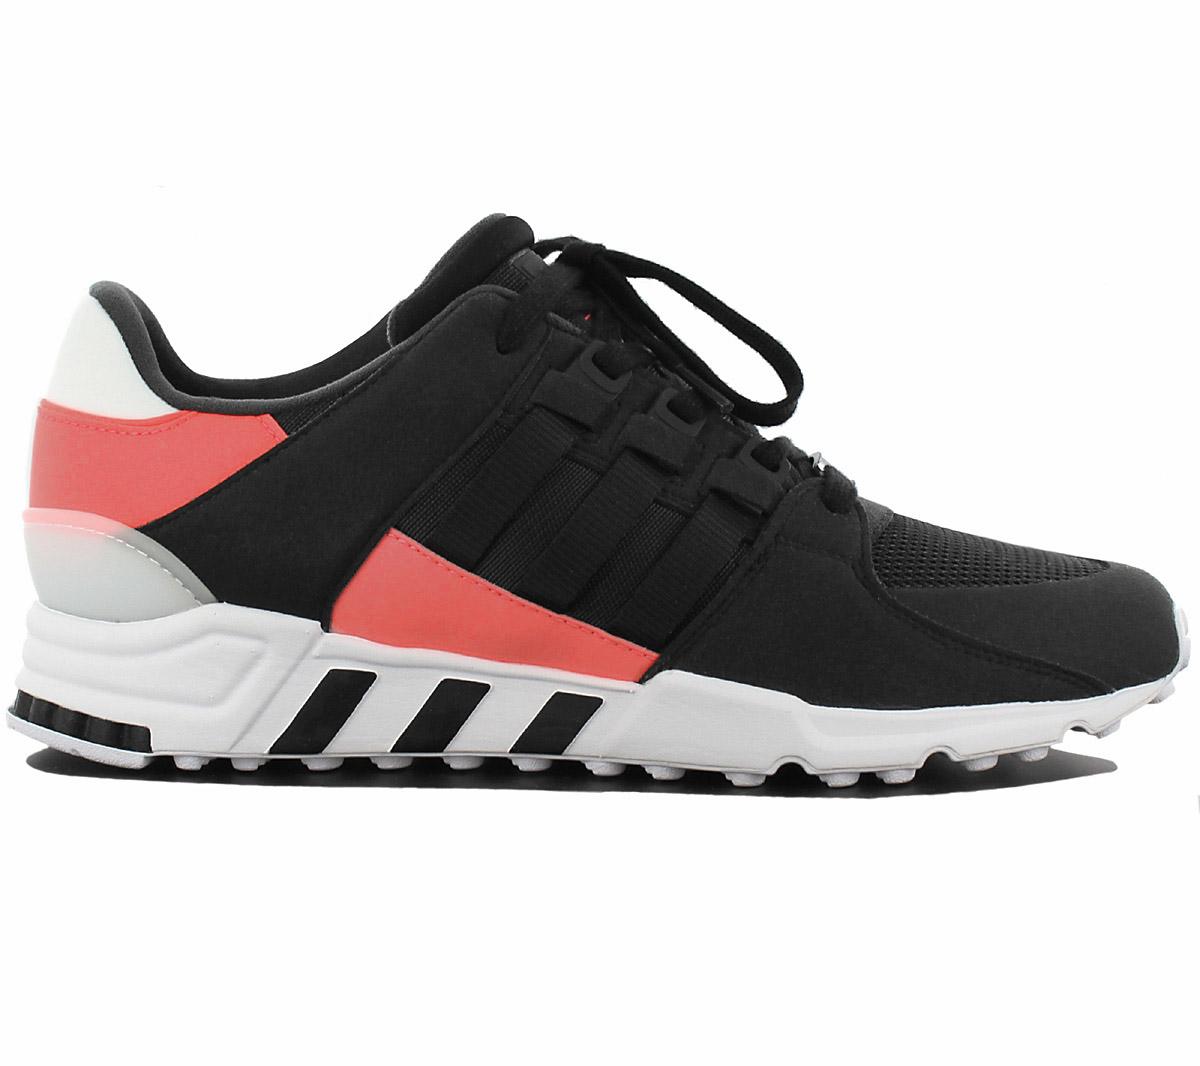 Scarpe adidas uomini scarpe formatori occasionali zx 700 750 700 zx materiali di sostegno f69a26